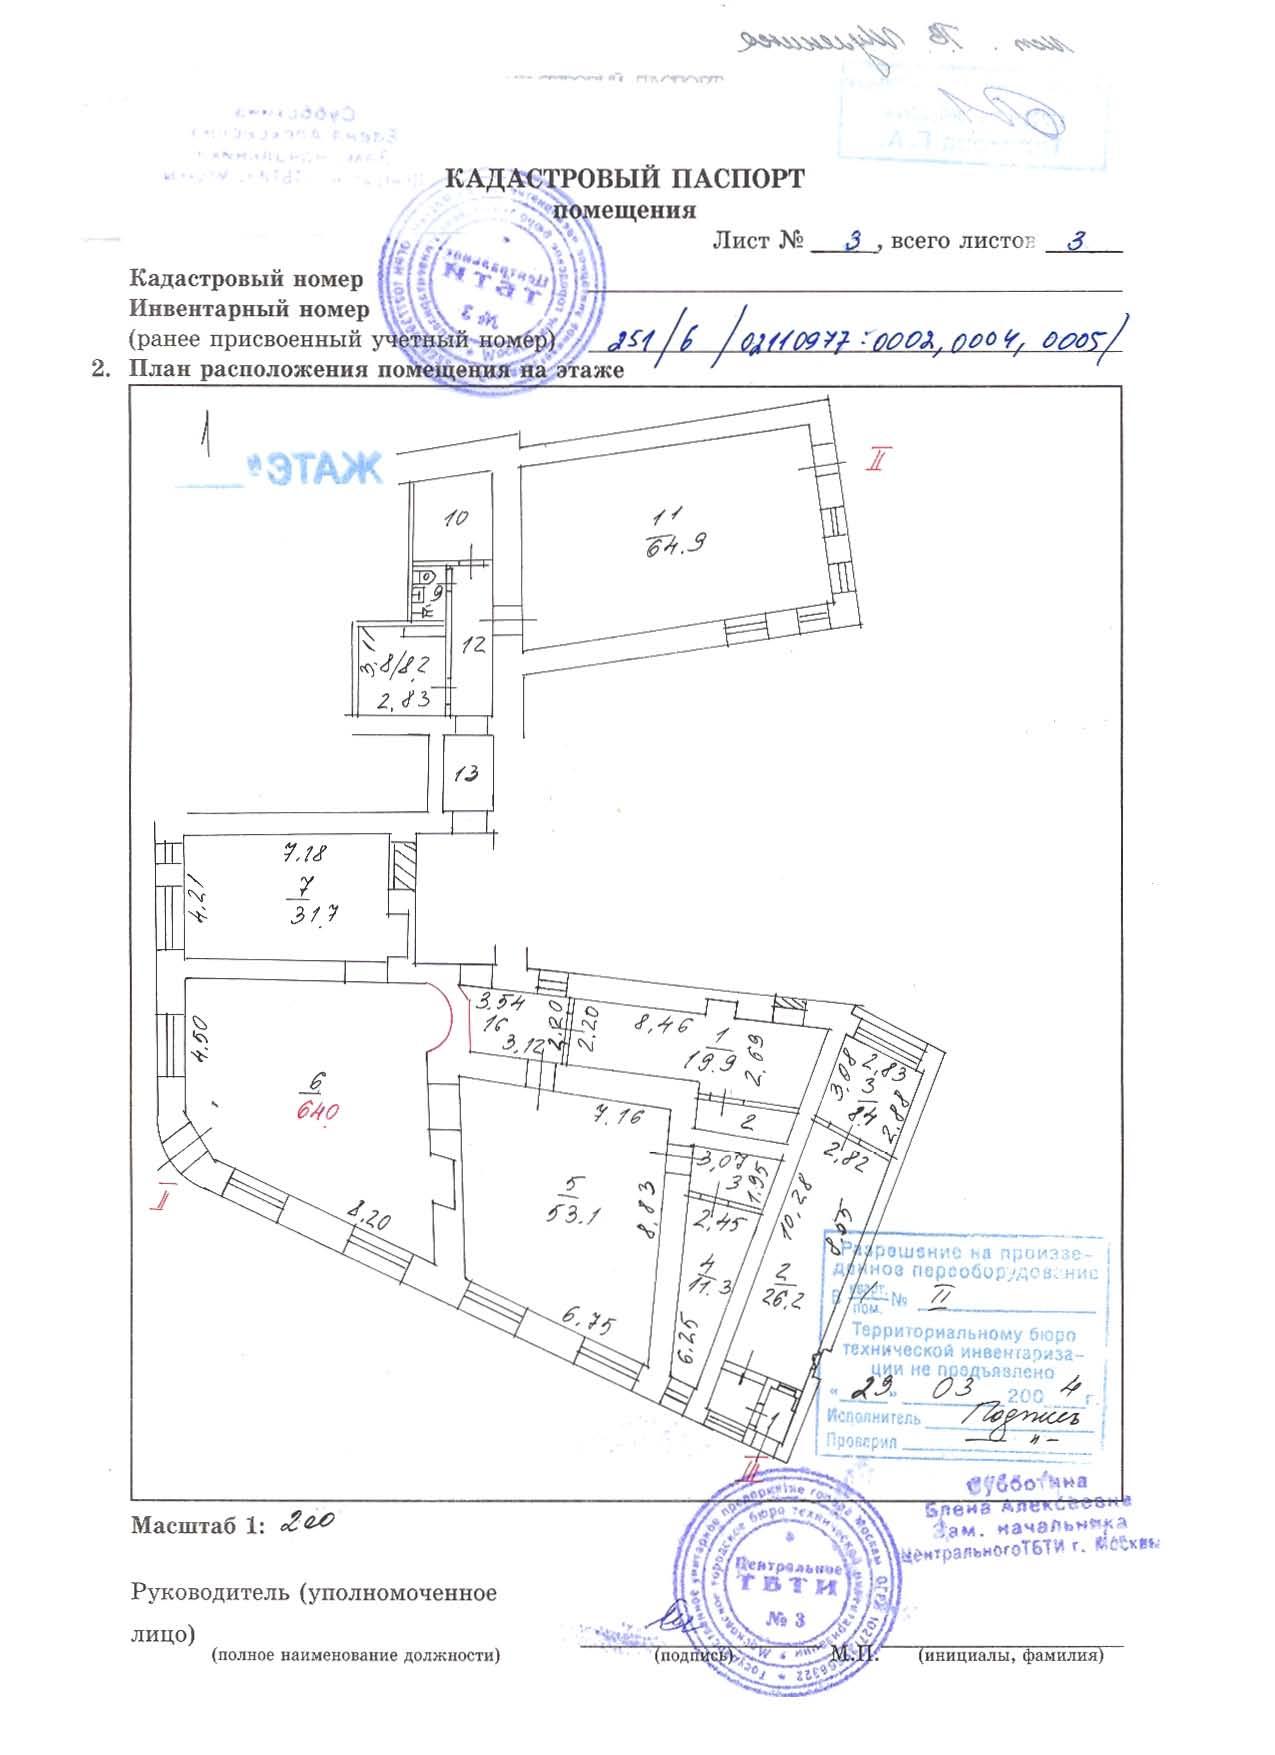 Кадастровый паспорт жилого помещения